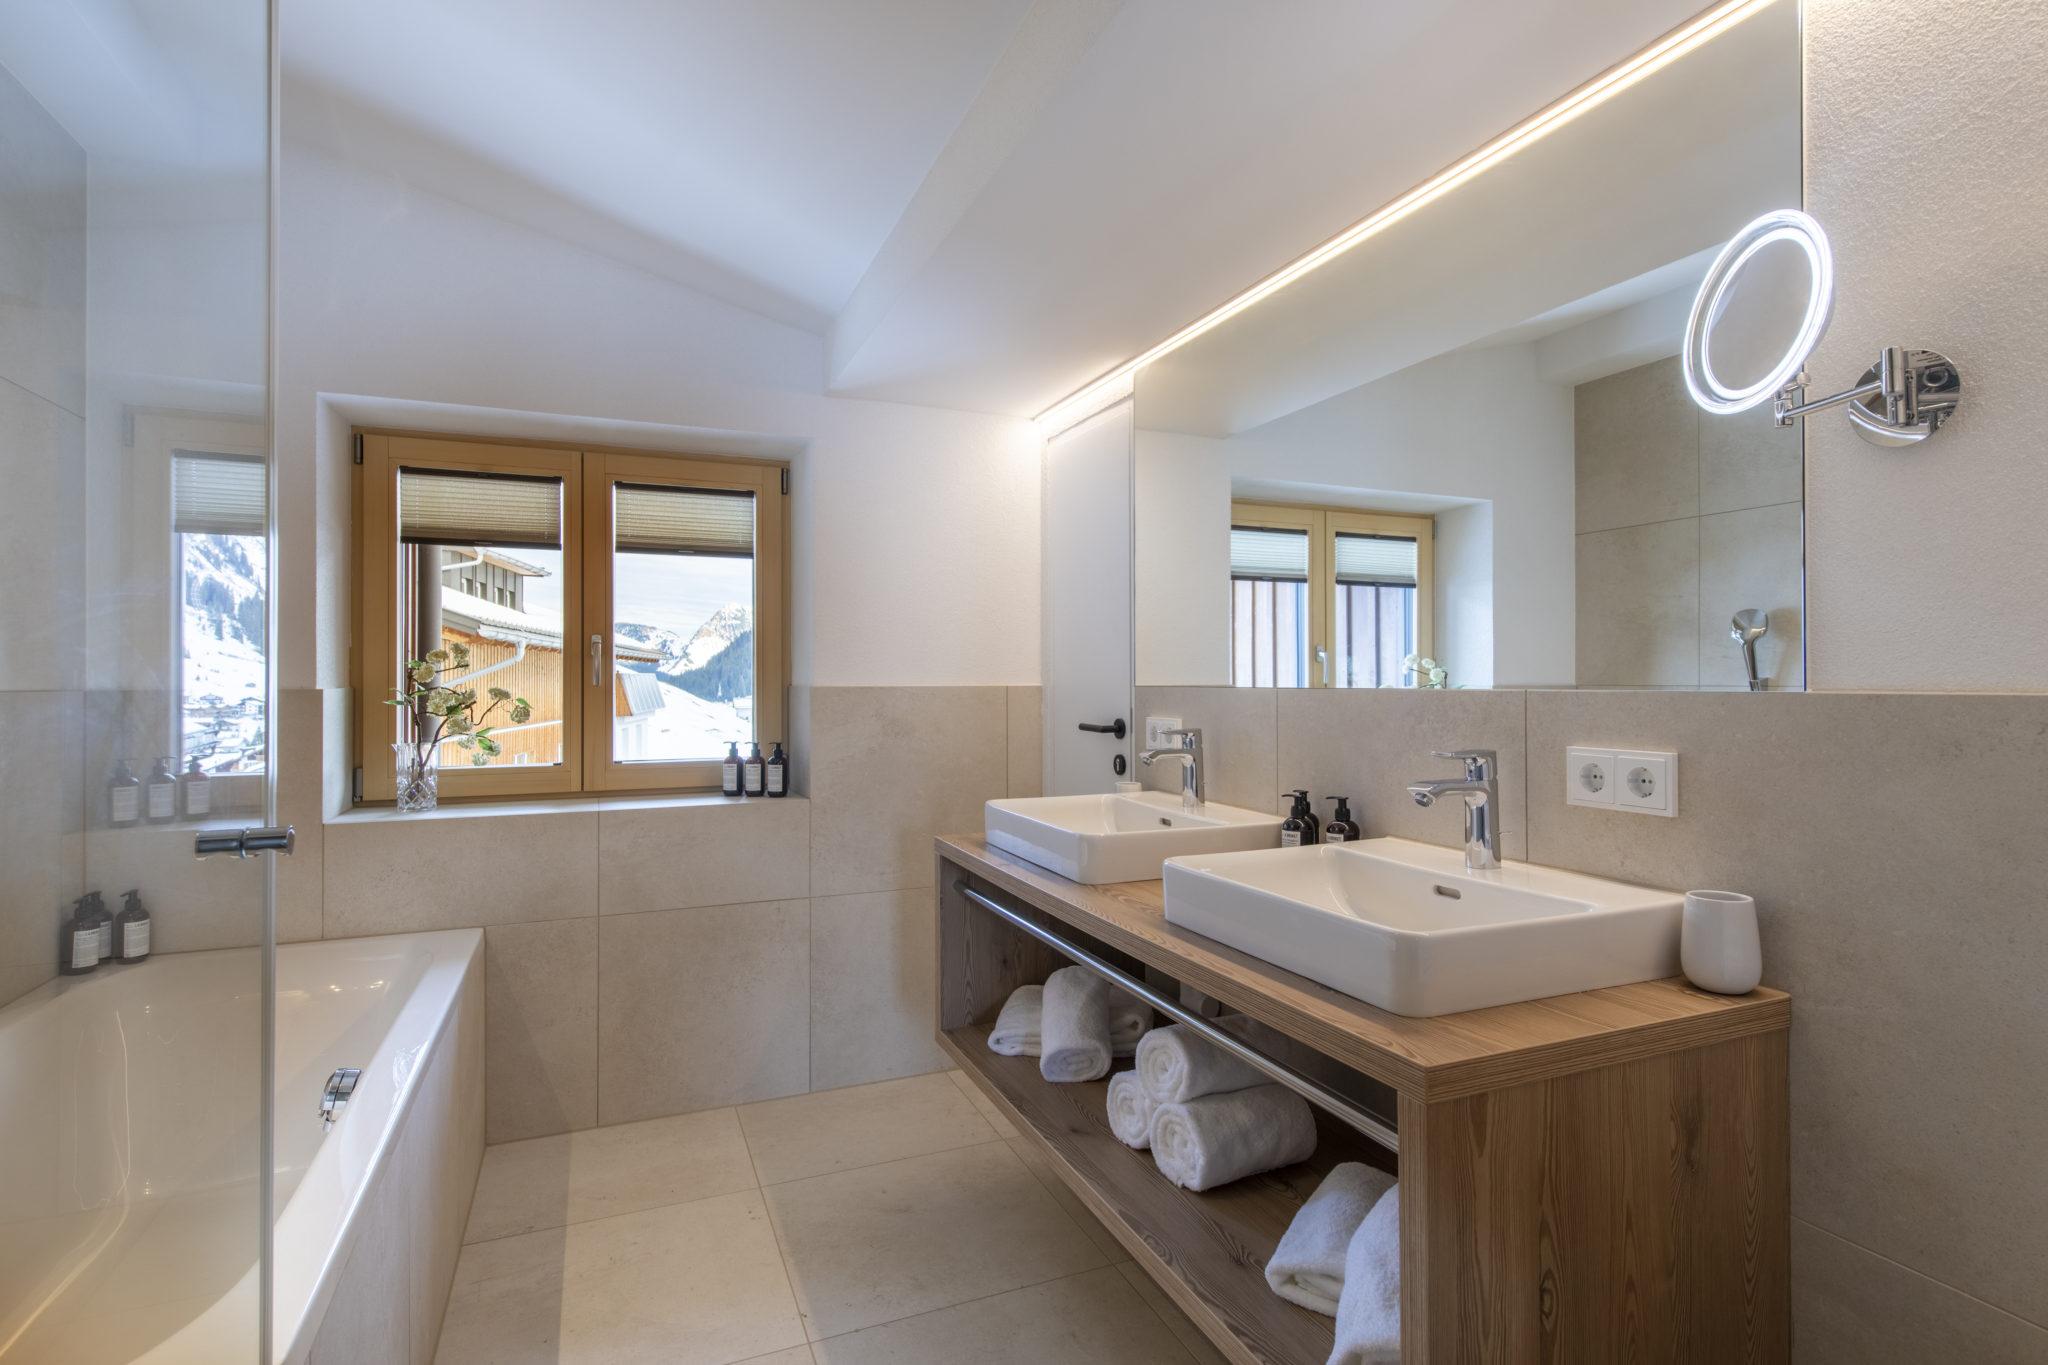 bhlhof-penthouse-11411-scaled